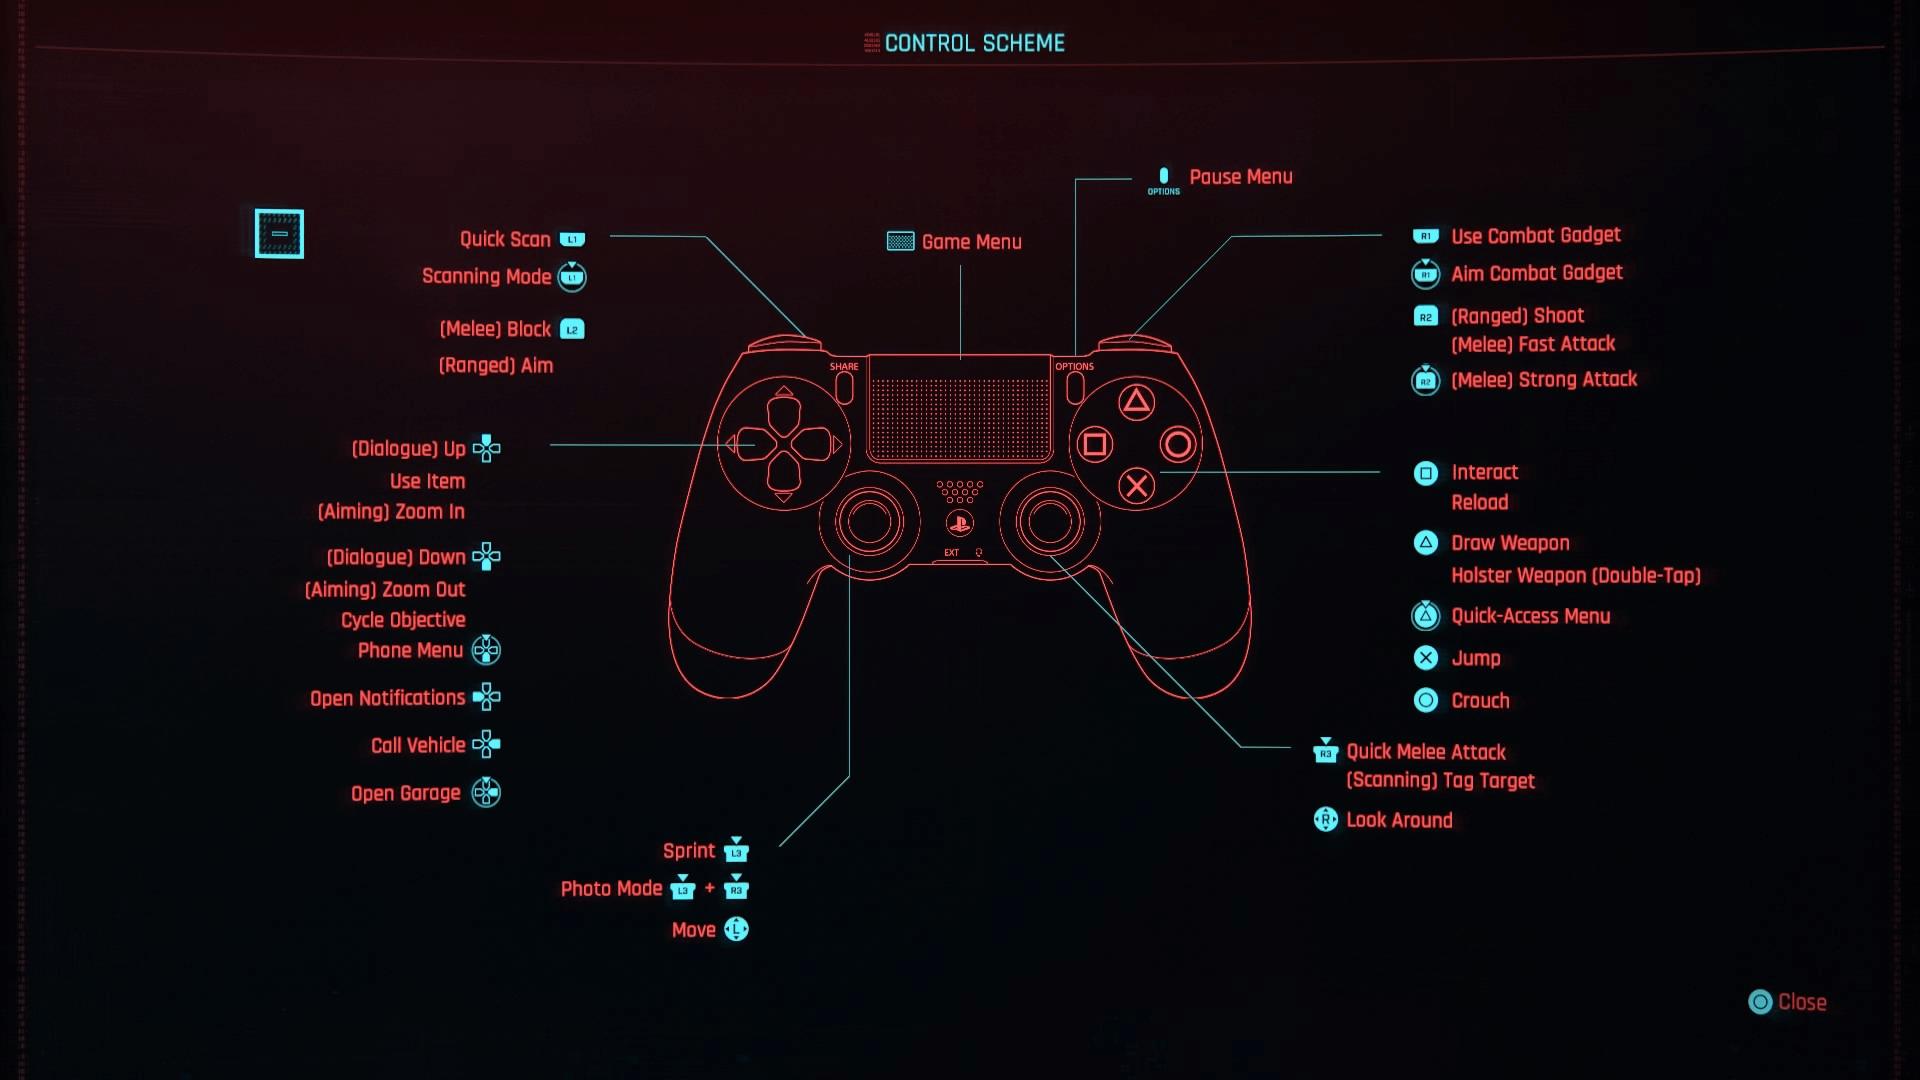 Cyberpunk 2077 PS4 Control Scheme